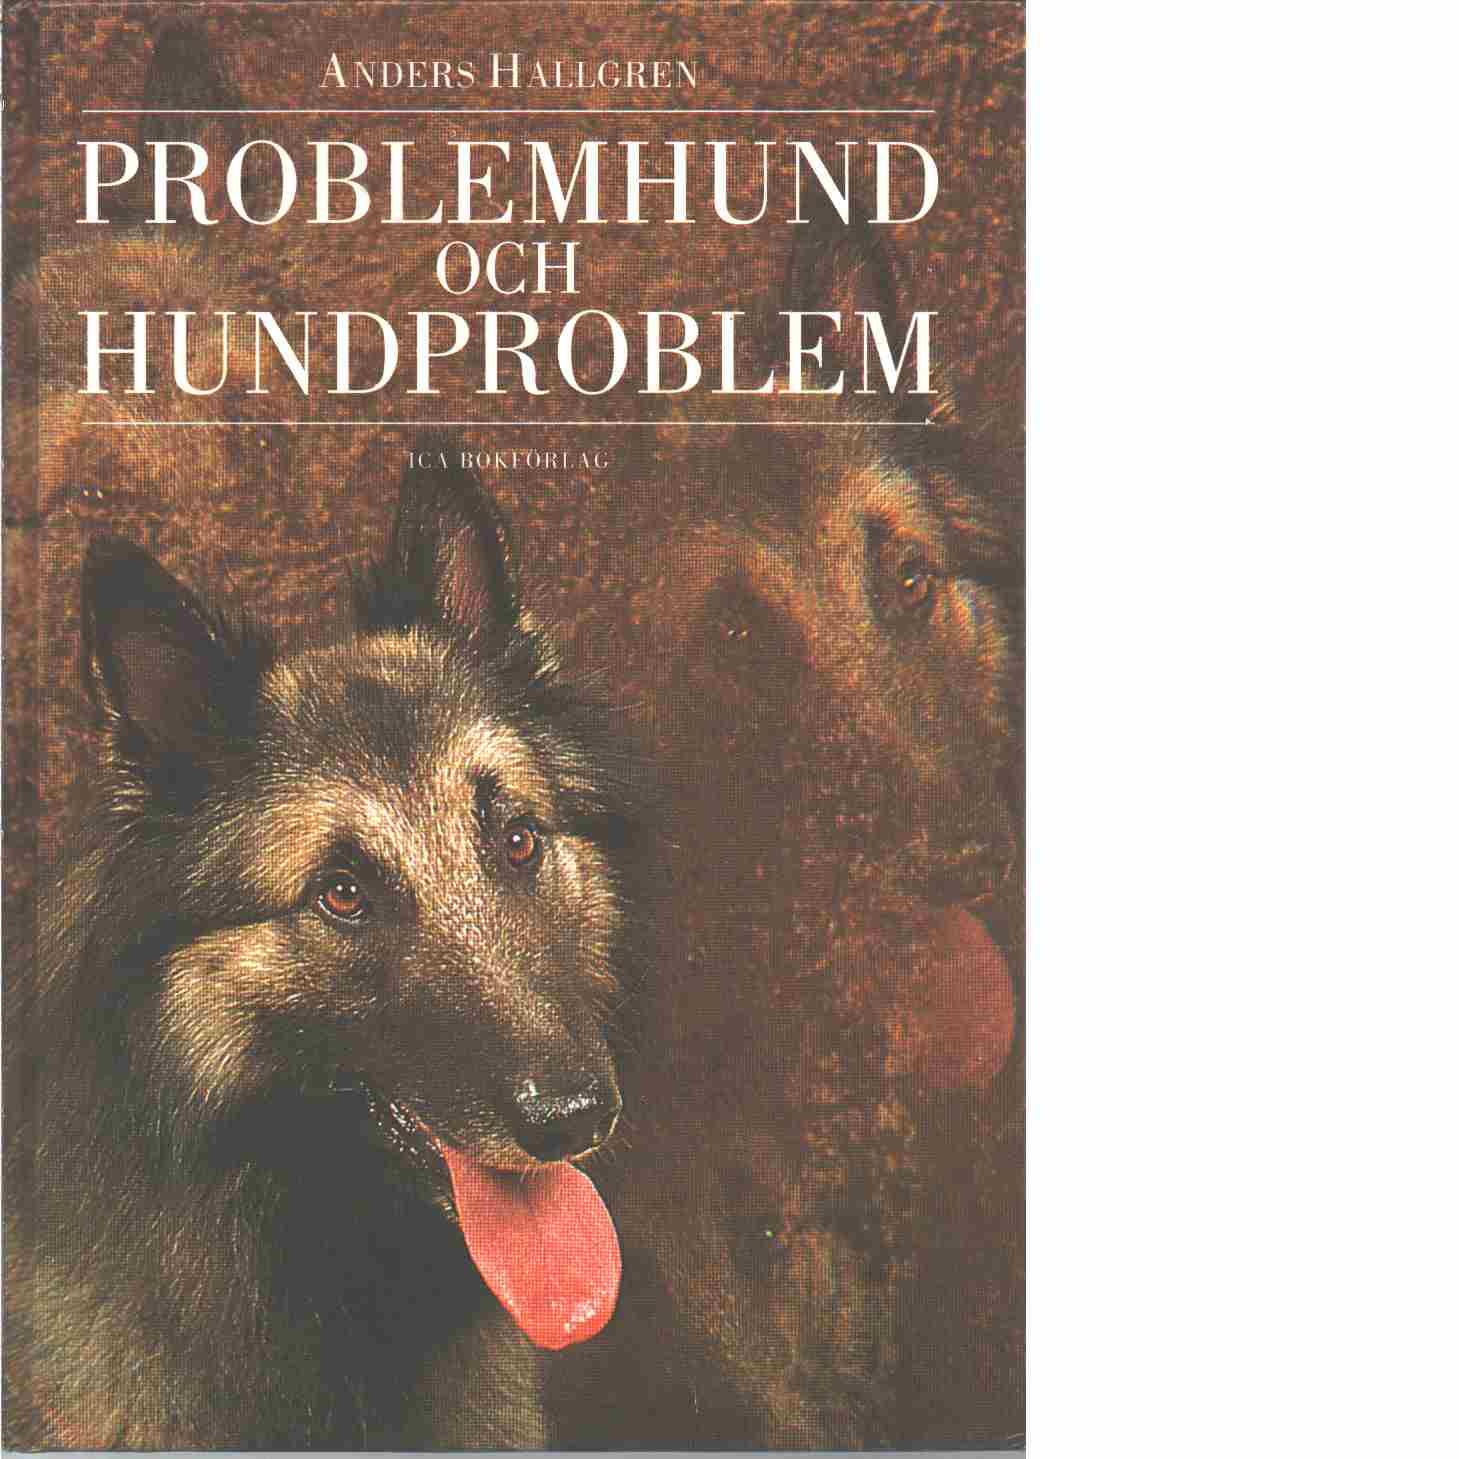 Problemhund och hundproblem - Hallgren, Anders